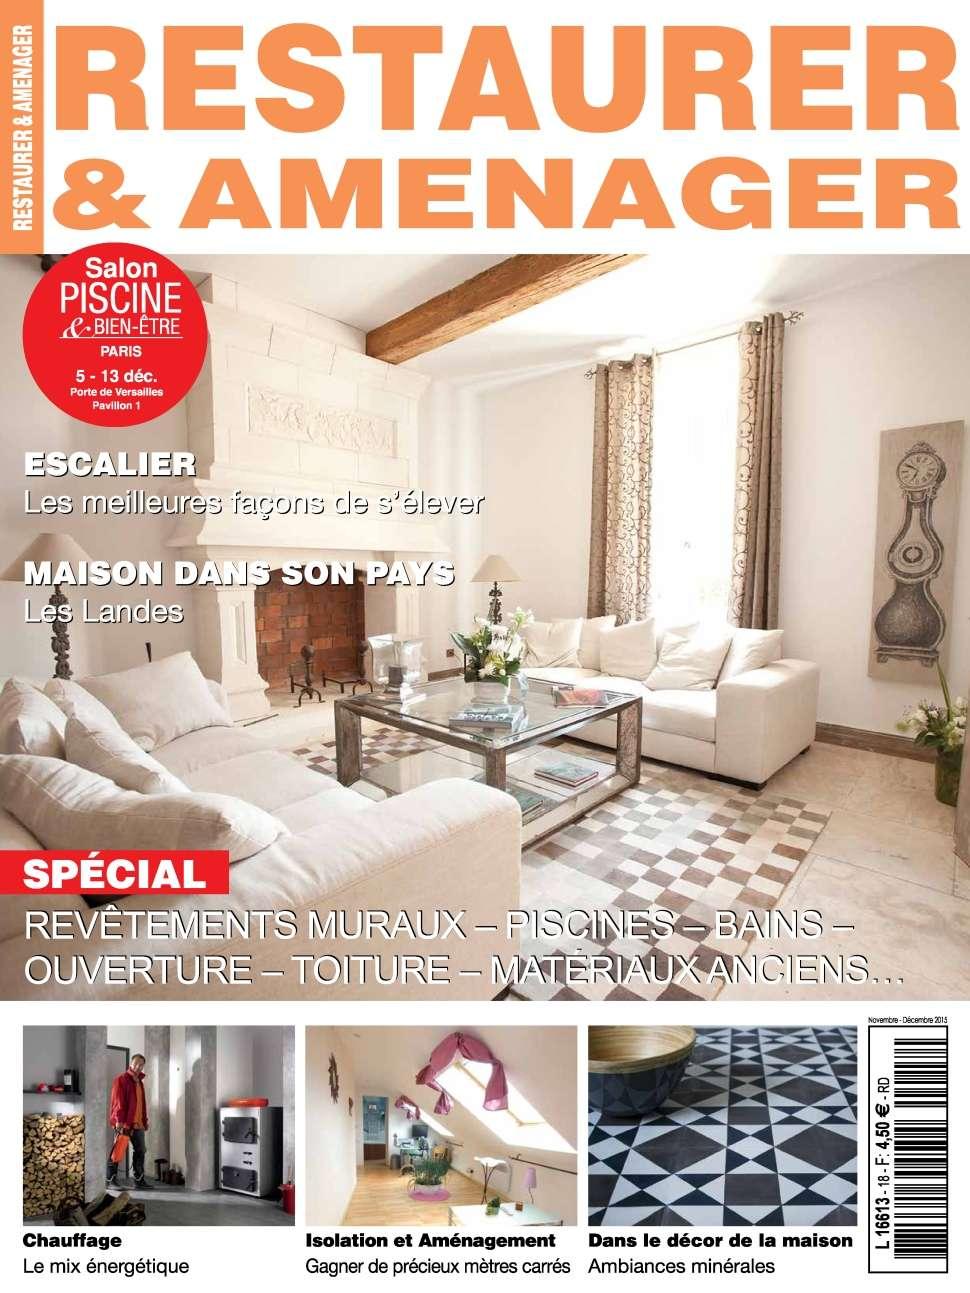 Restaurer & Aménager 18 - Novembre-Décembre 2015